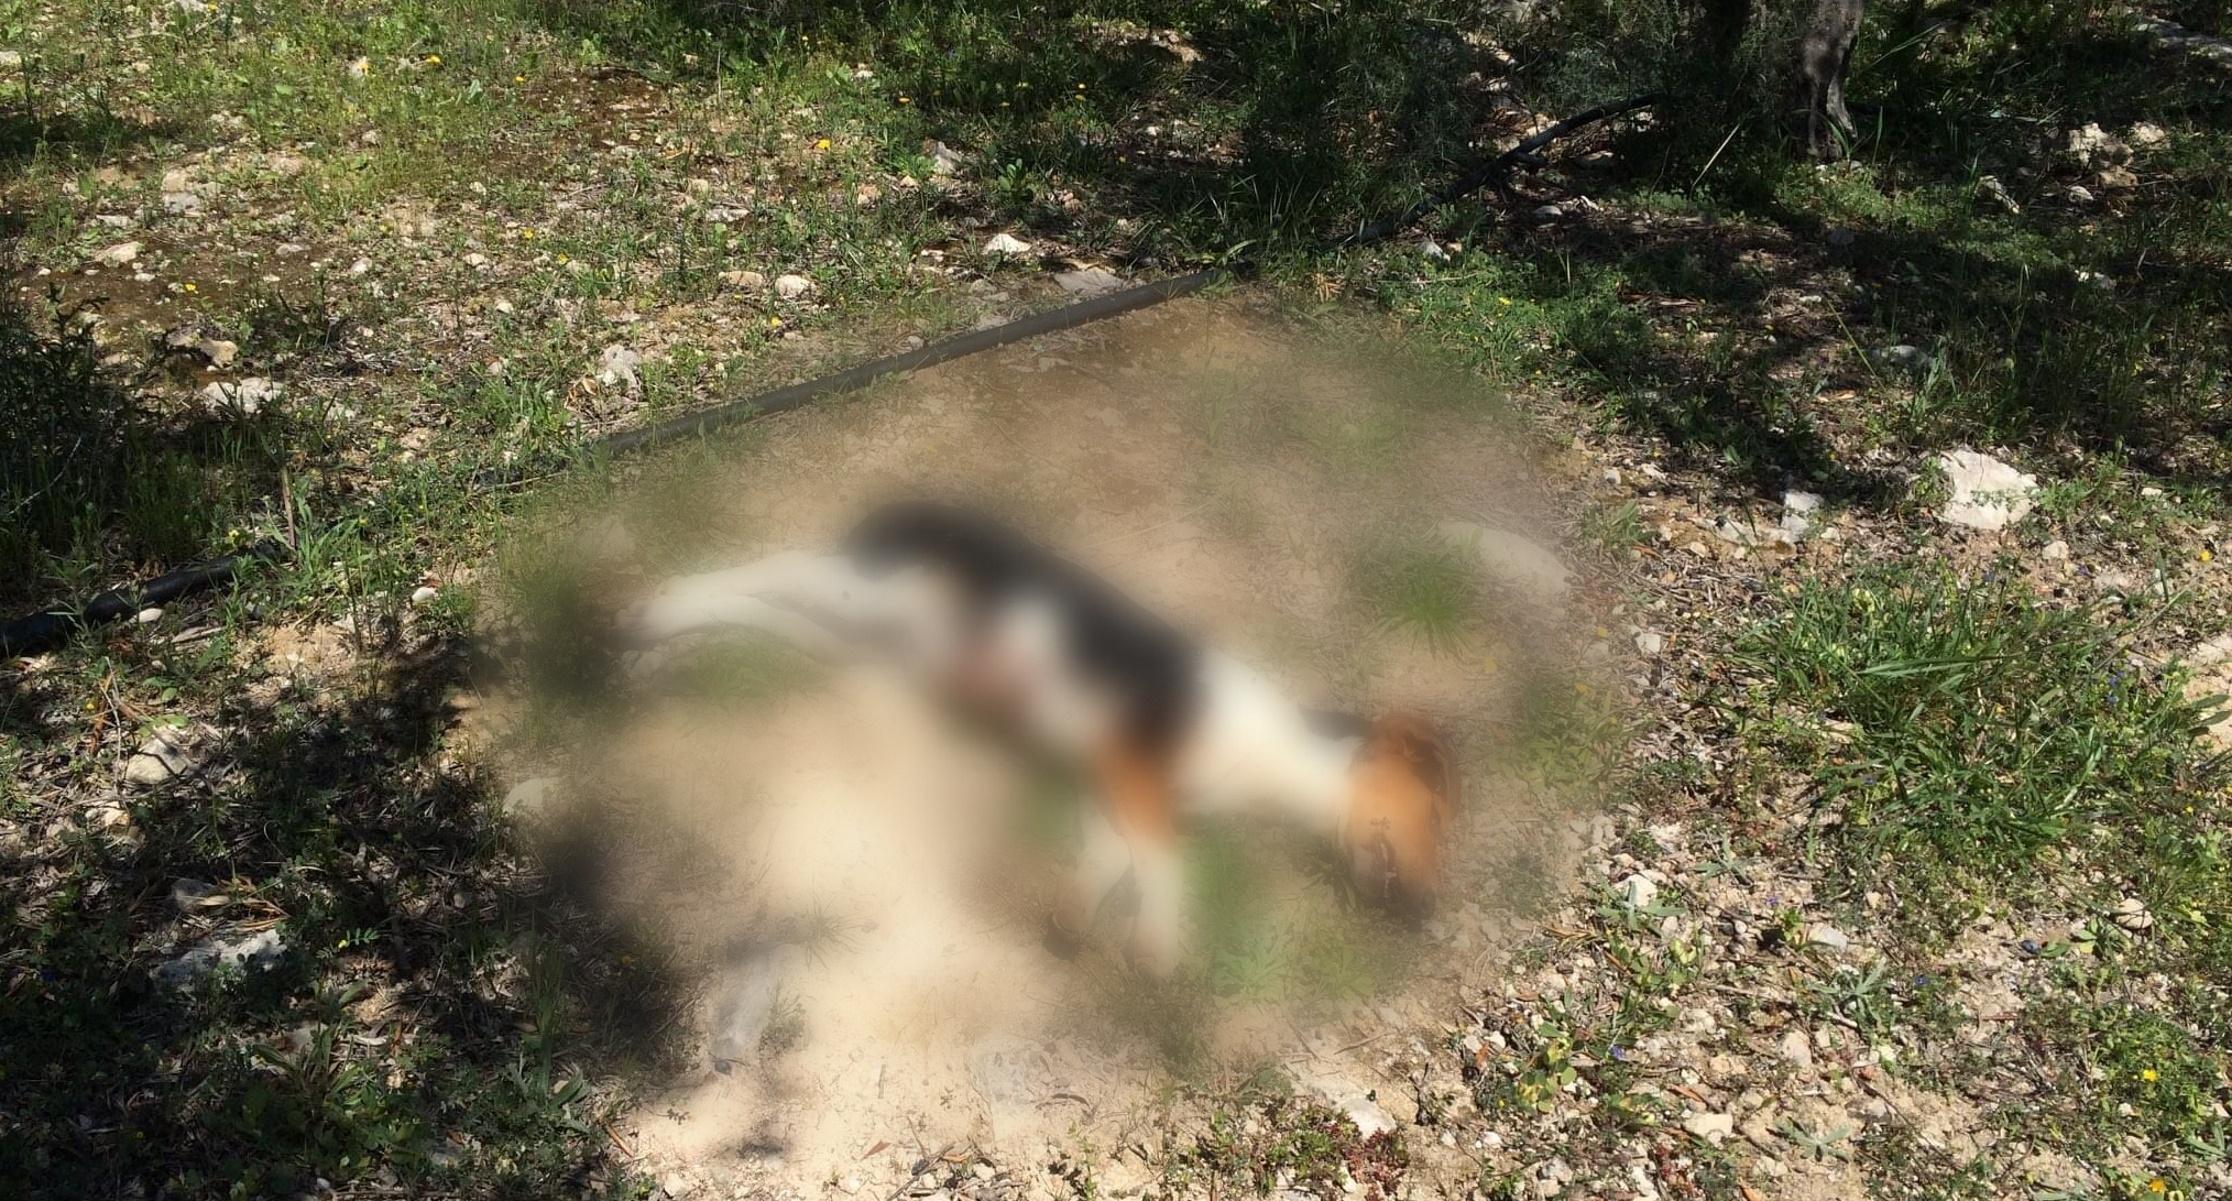 Κρήτη: Νέα κτηνωδία – Πυροβόλησε και σκότωσε σκυλάκι αφού πρώτα το βασάνισε